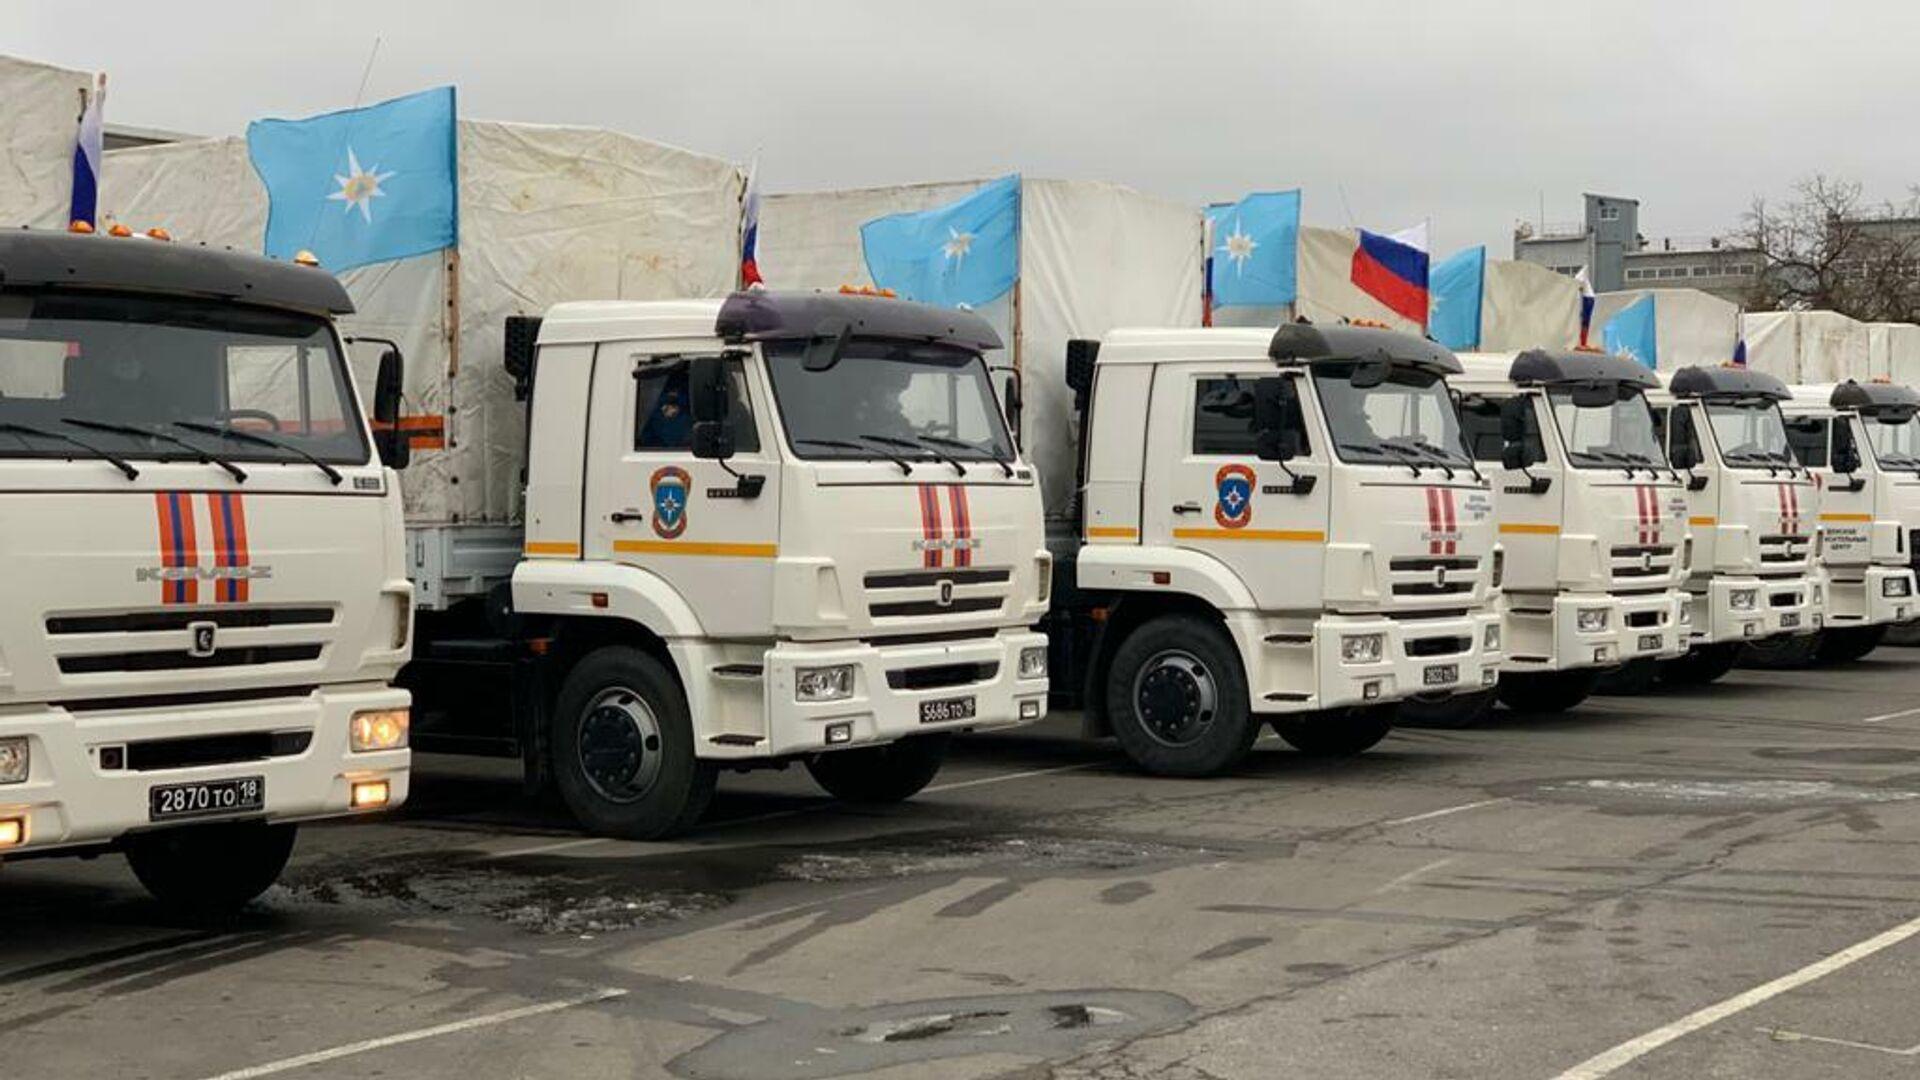 МЧС планирует увеличить группировку в Карабахе - РИА Новости, 20.11.2020